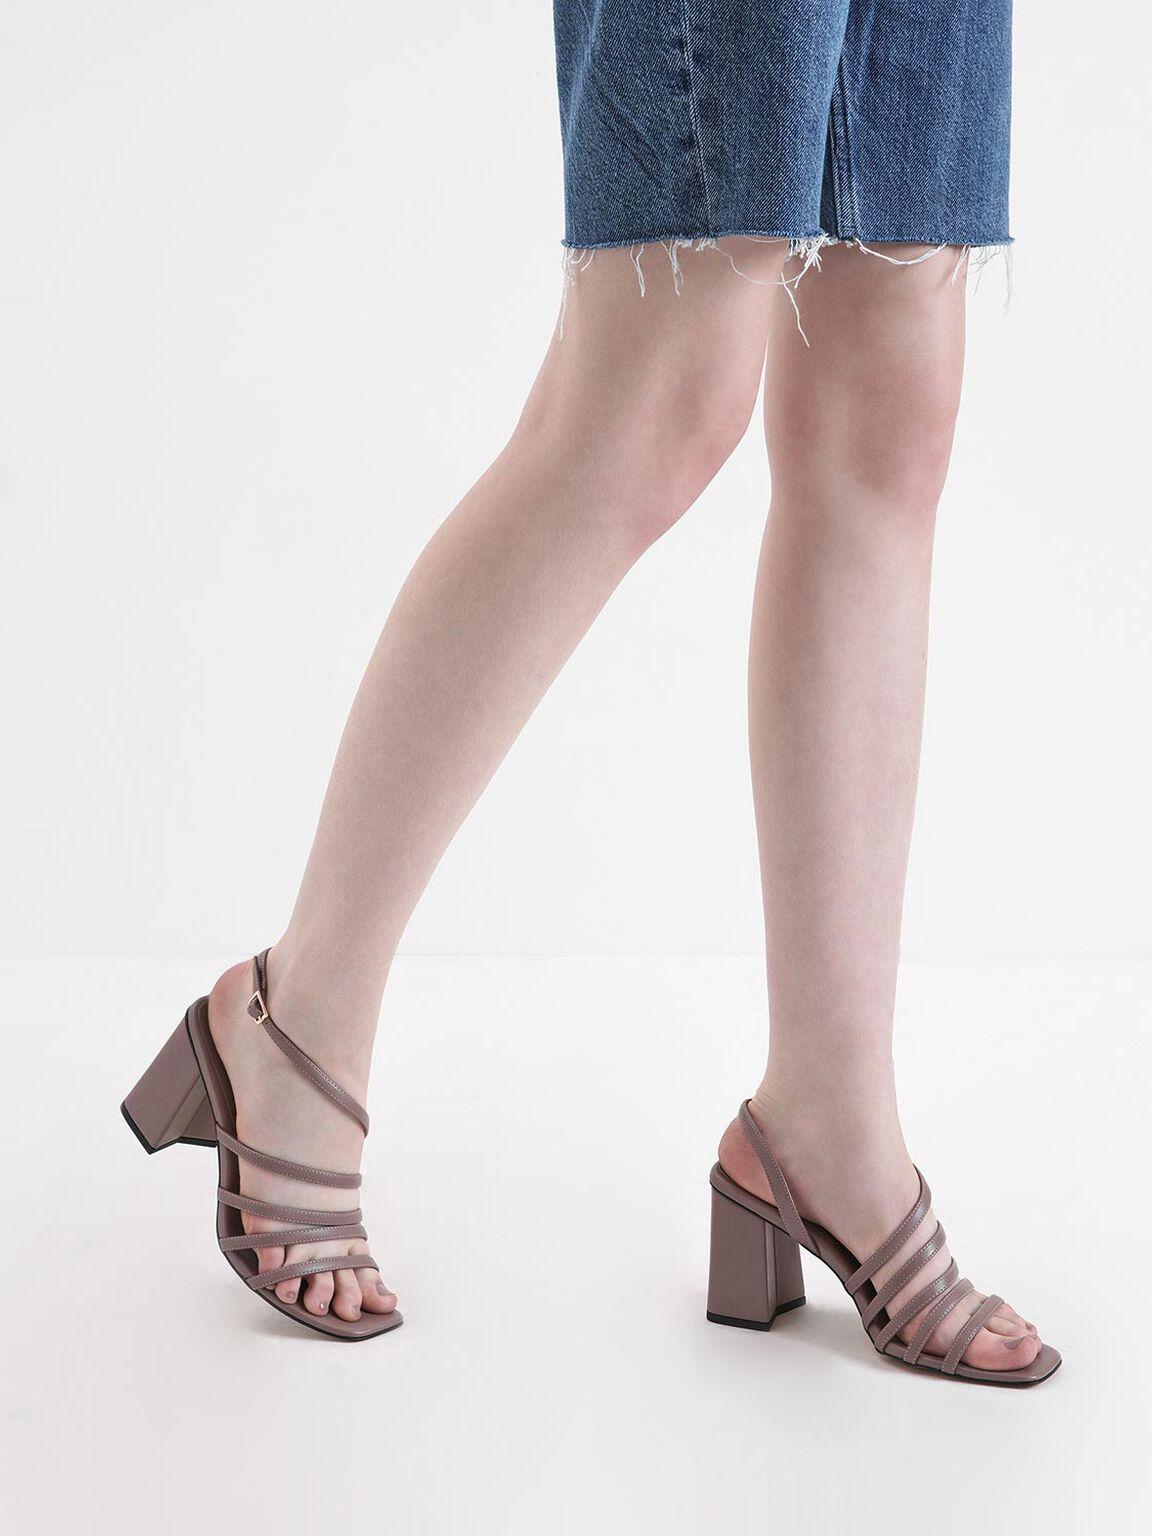 多層次細帶涼鞋, 紫灰色, hi-res